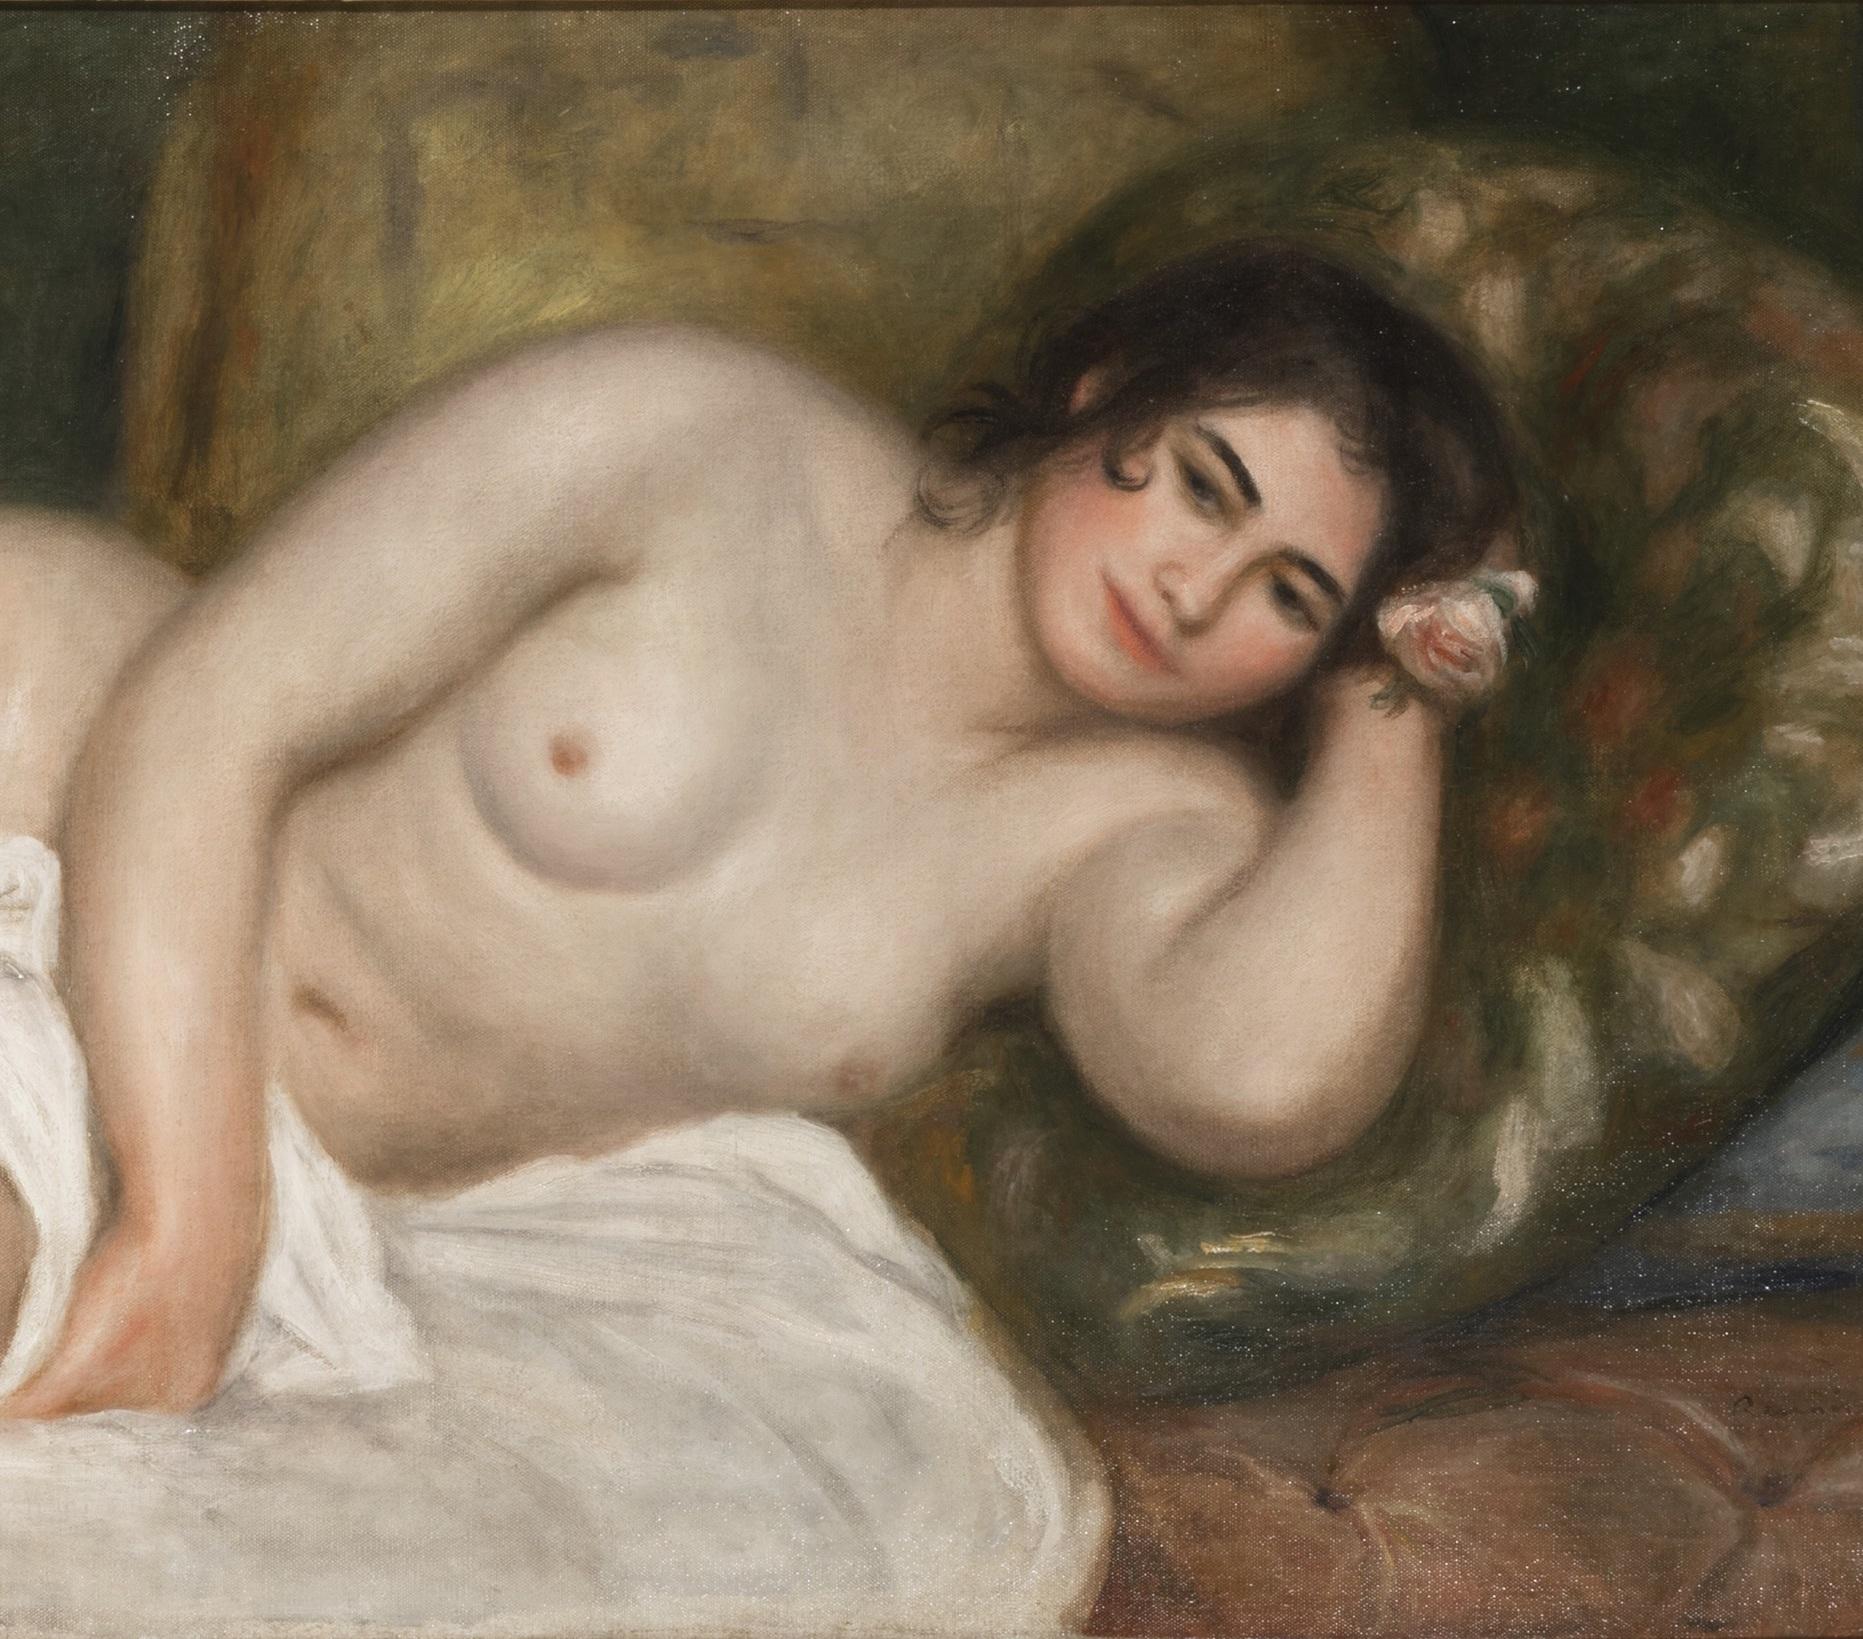 Renoir,  Femme nue couchée (Gabrielle)  (1903) (cropped)